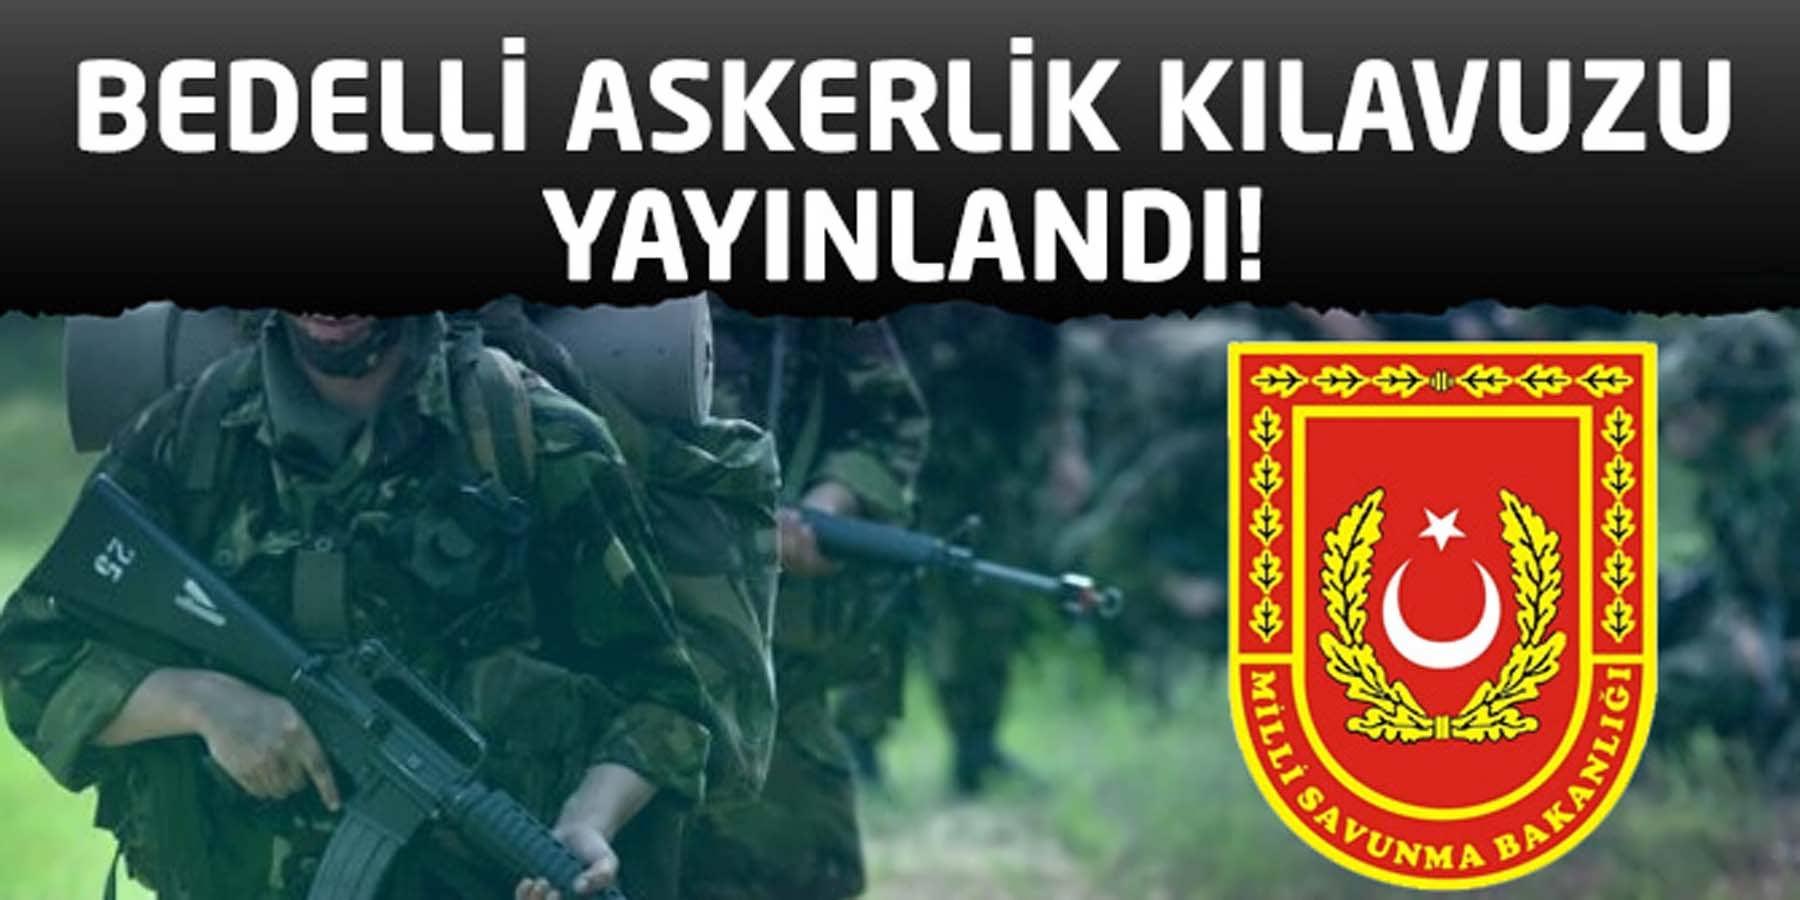 Milli Savunma Bakanlığı Bedelli Askerlik Kılavuzunu Yayımladı